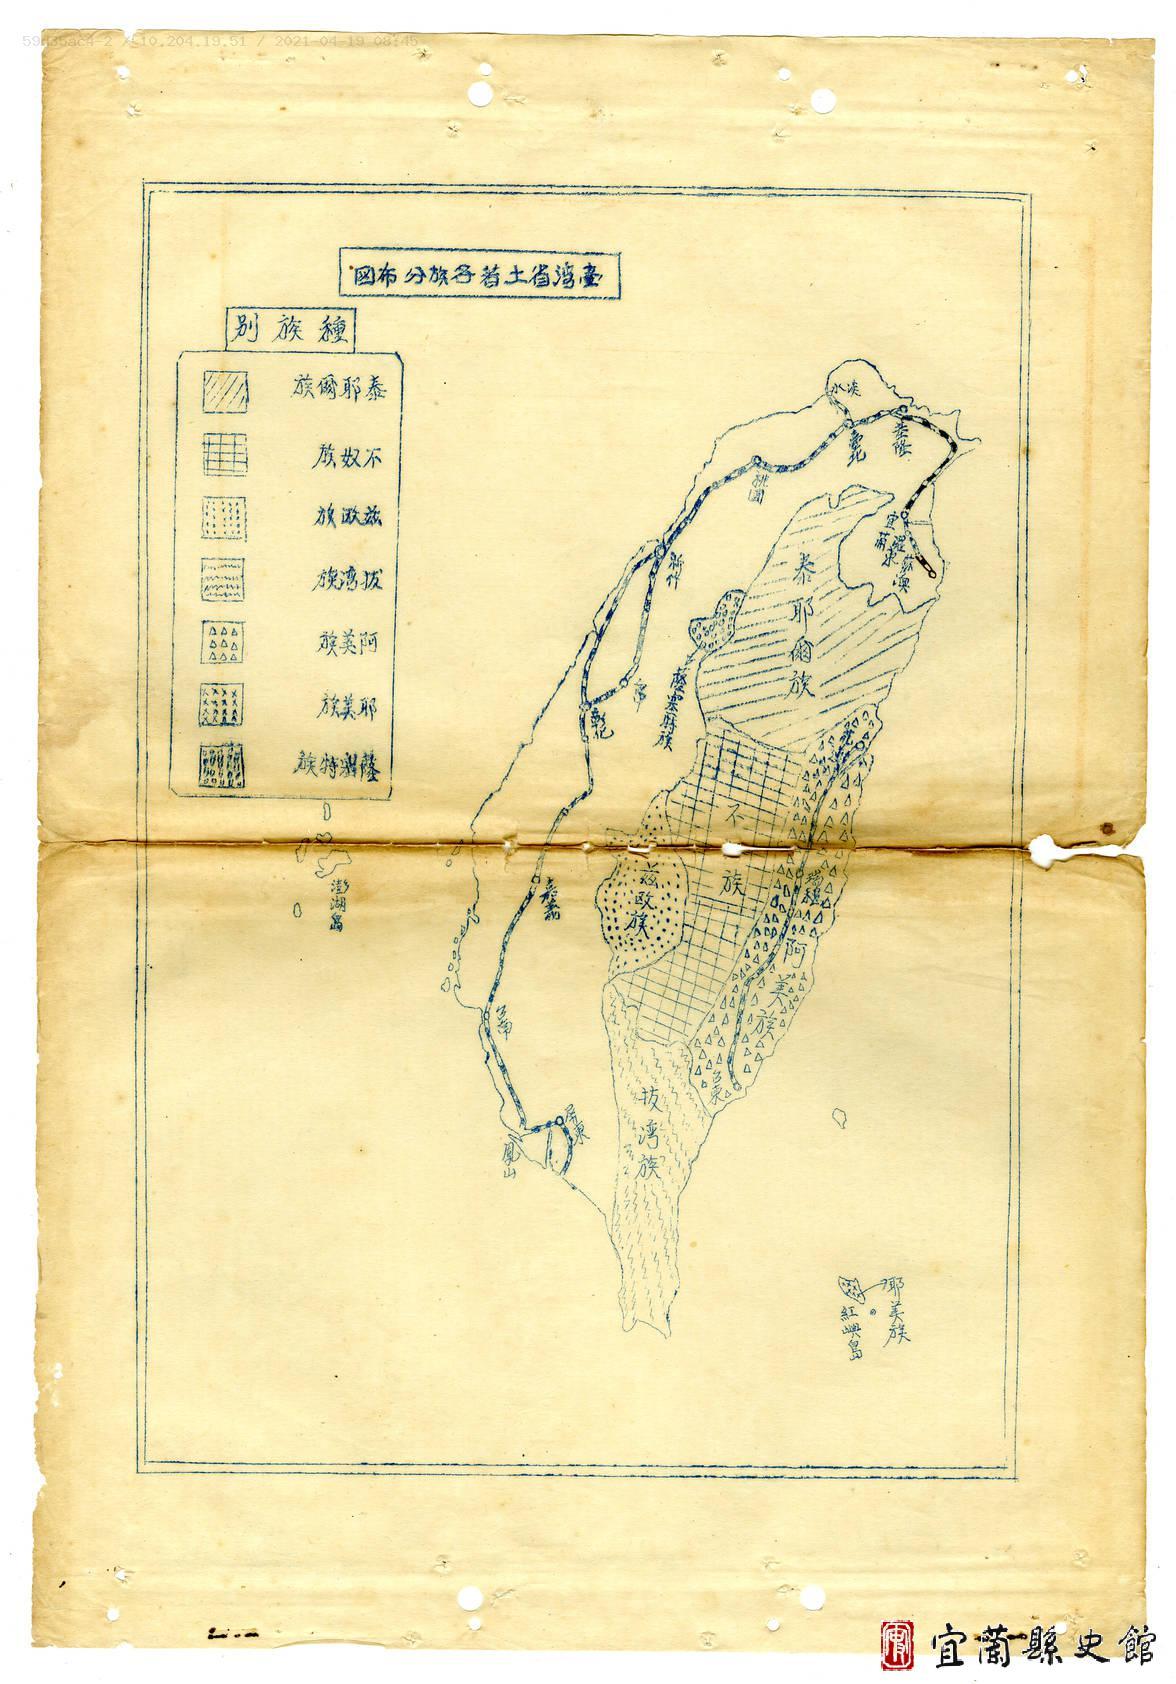 臺灣原住民族分布圖